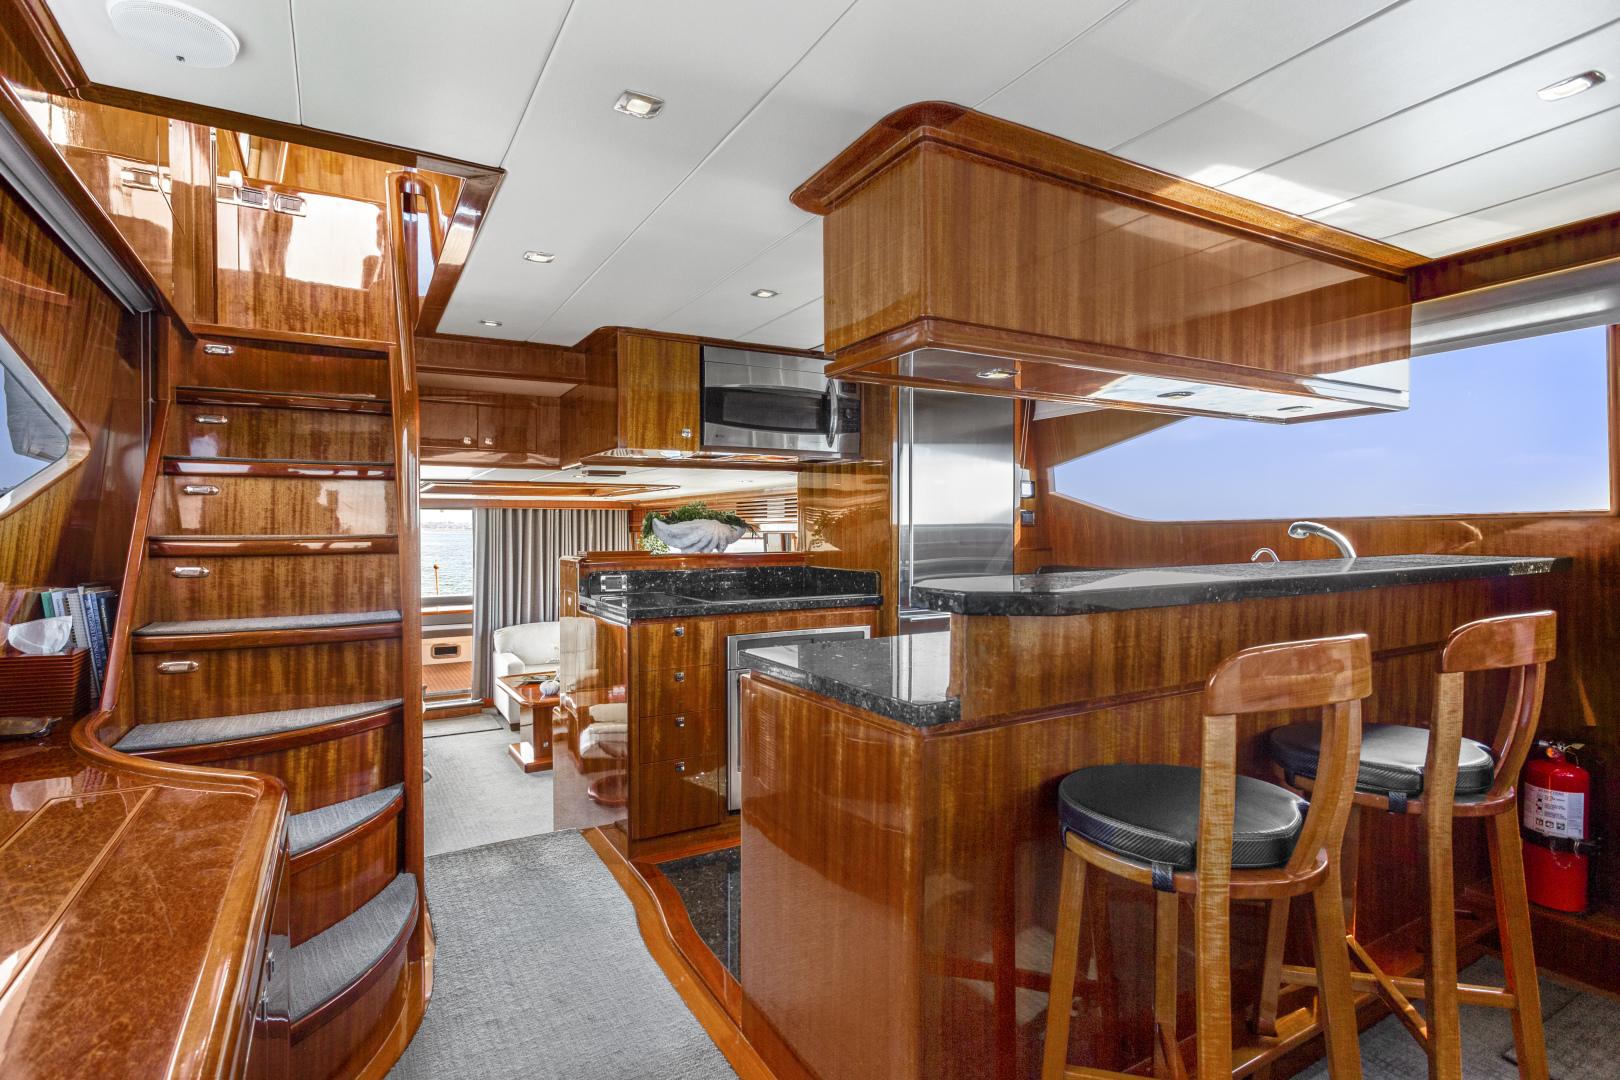 Hampton-76 Skylounge Motoryacht 2014-ODYSEA San Diego-California-United States-GALLEY-1165158 | Thumbnail